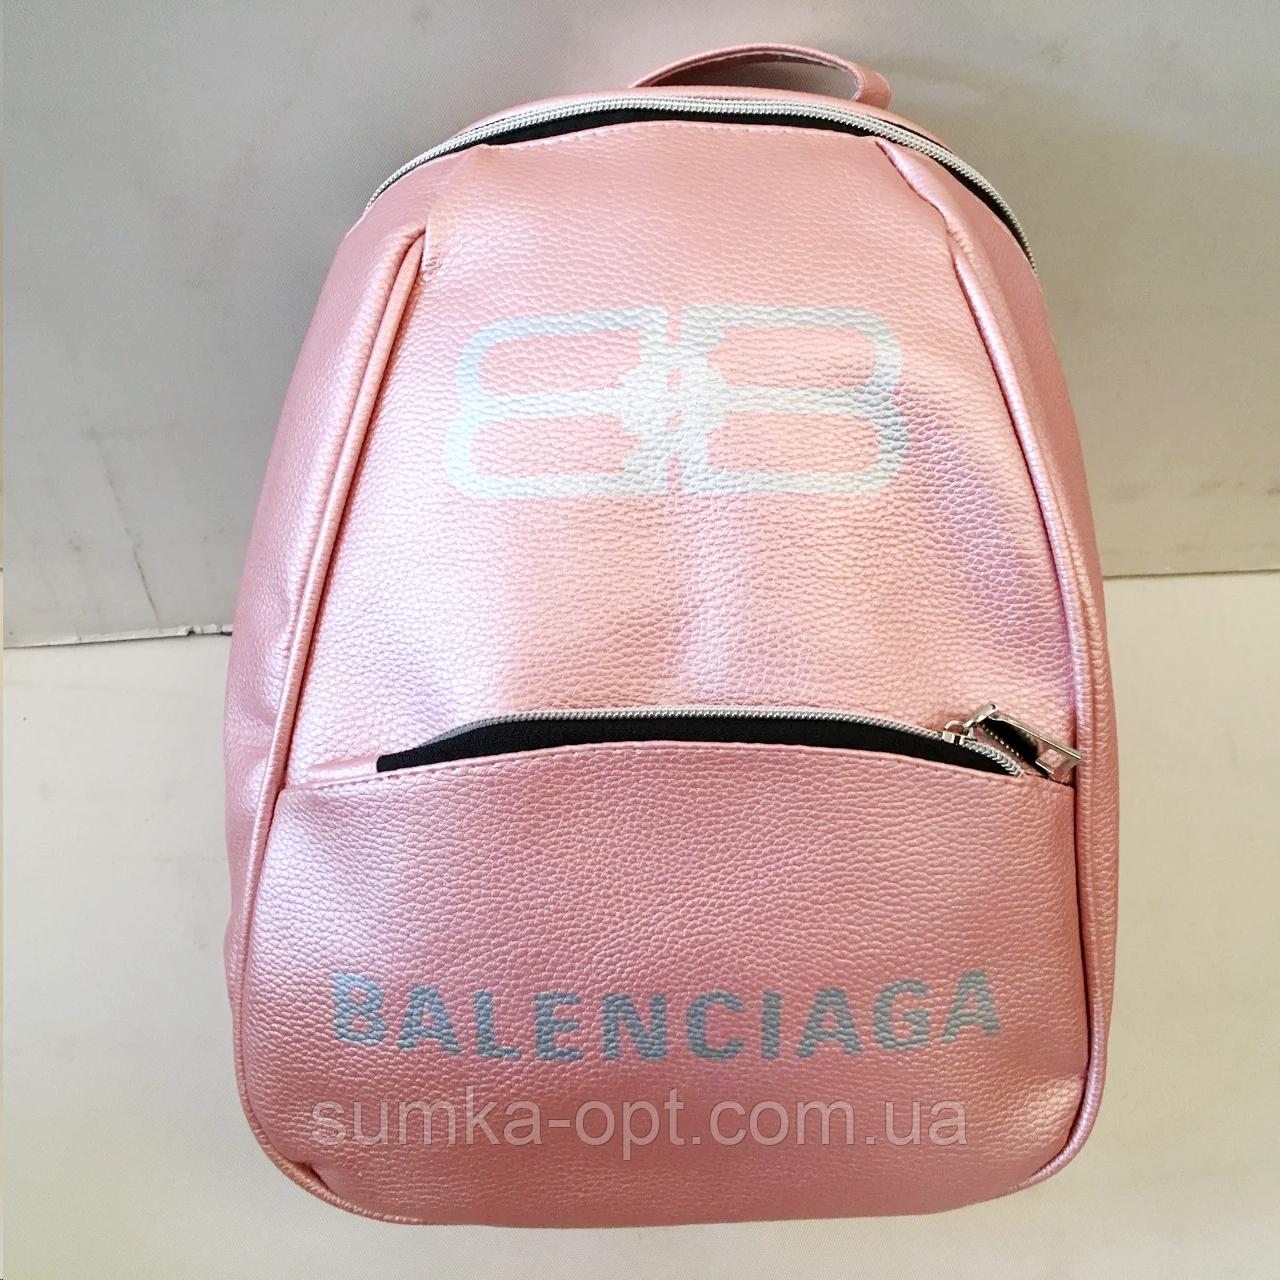 Брендові рюкзаки Balenciaga зі штучної шкіри (РОЖЕВИЙ)25*33см